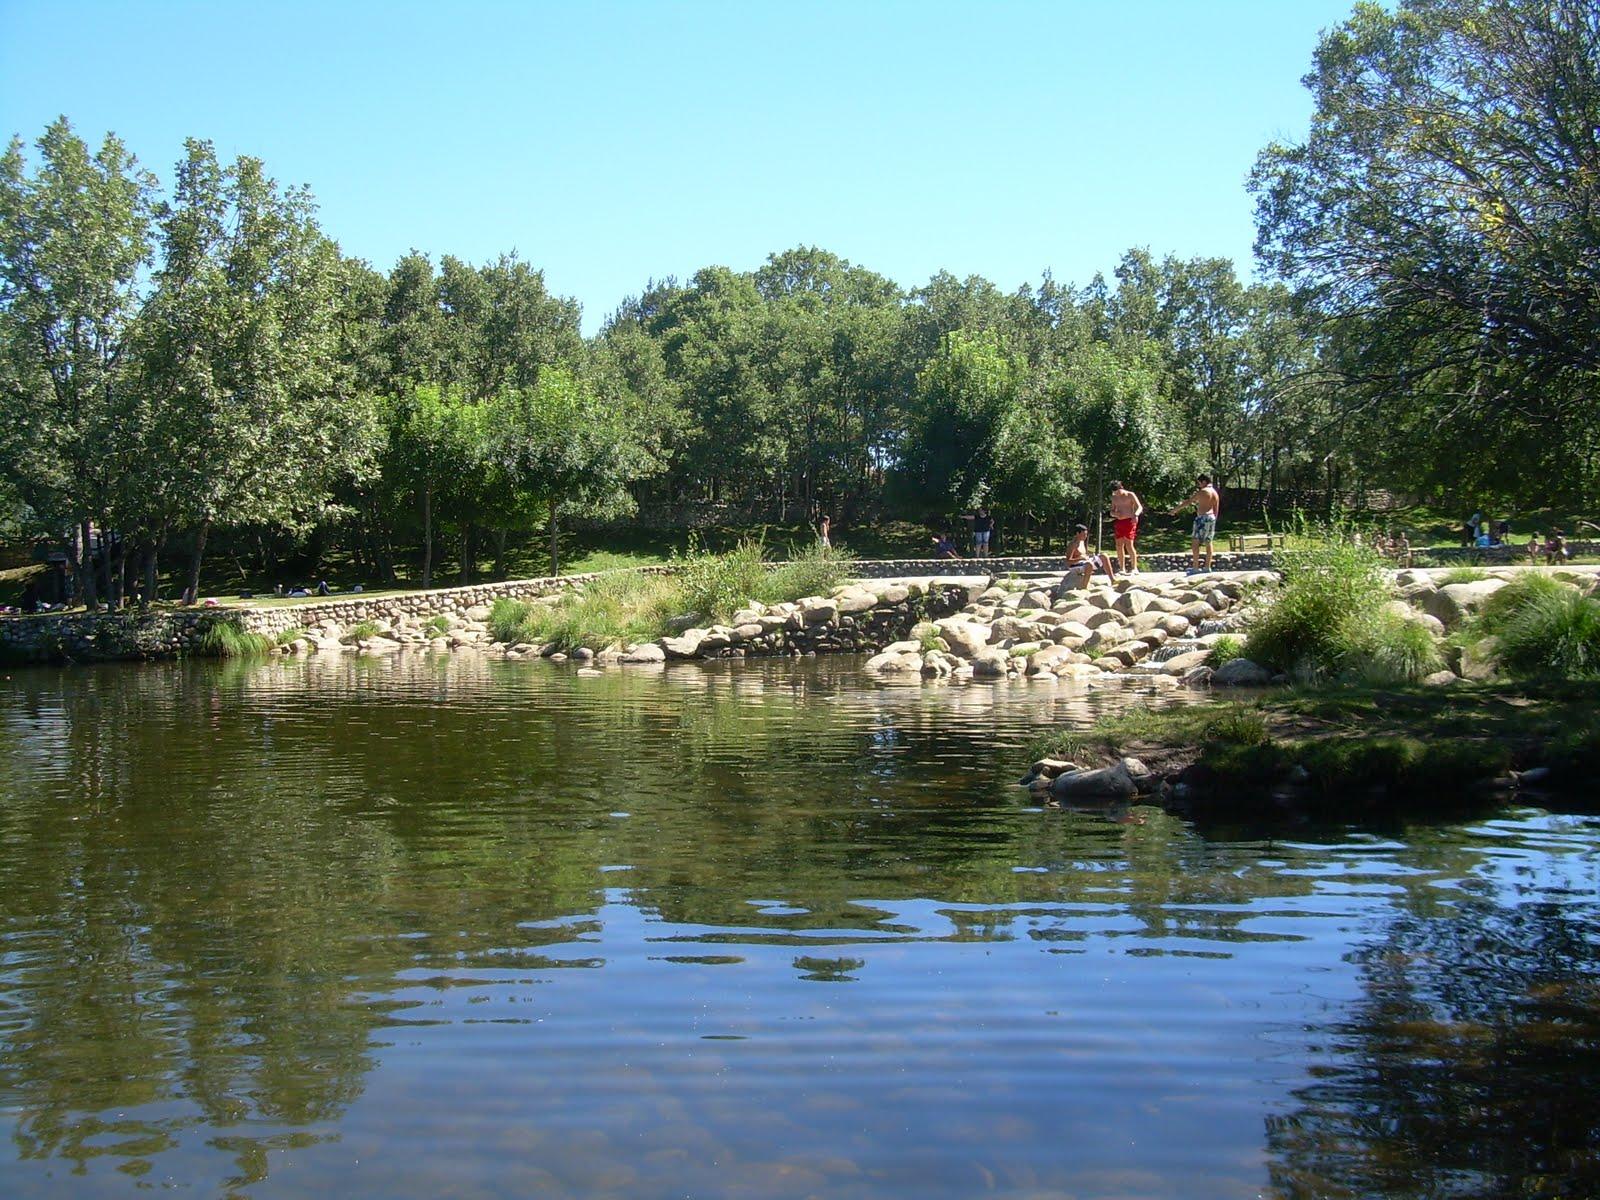 Abrir el horizonte presillas del rio lozoya rascafria for Piscinas naturales de rascafria